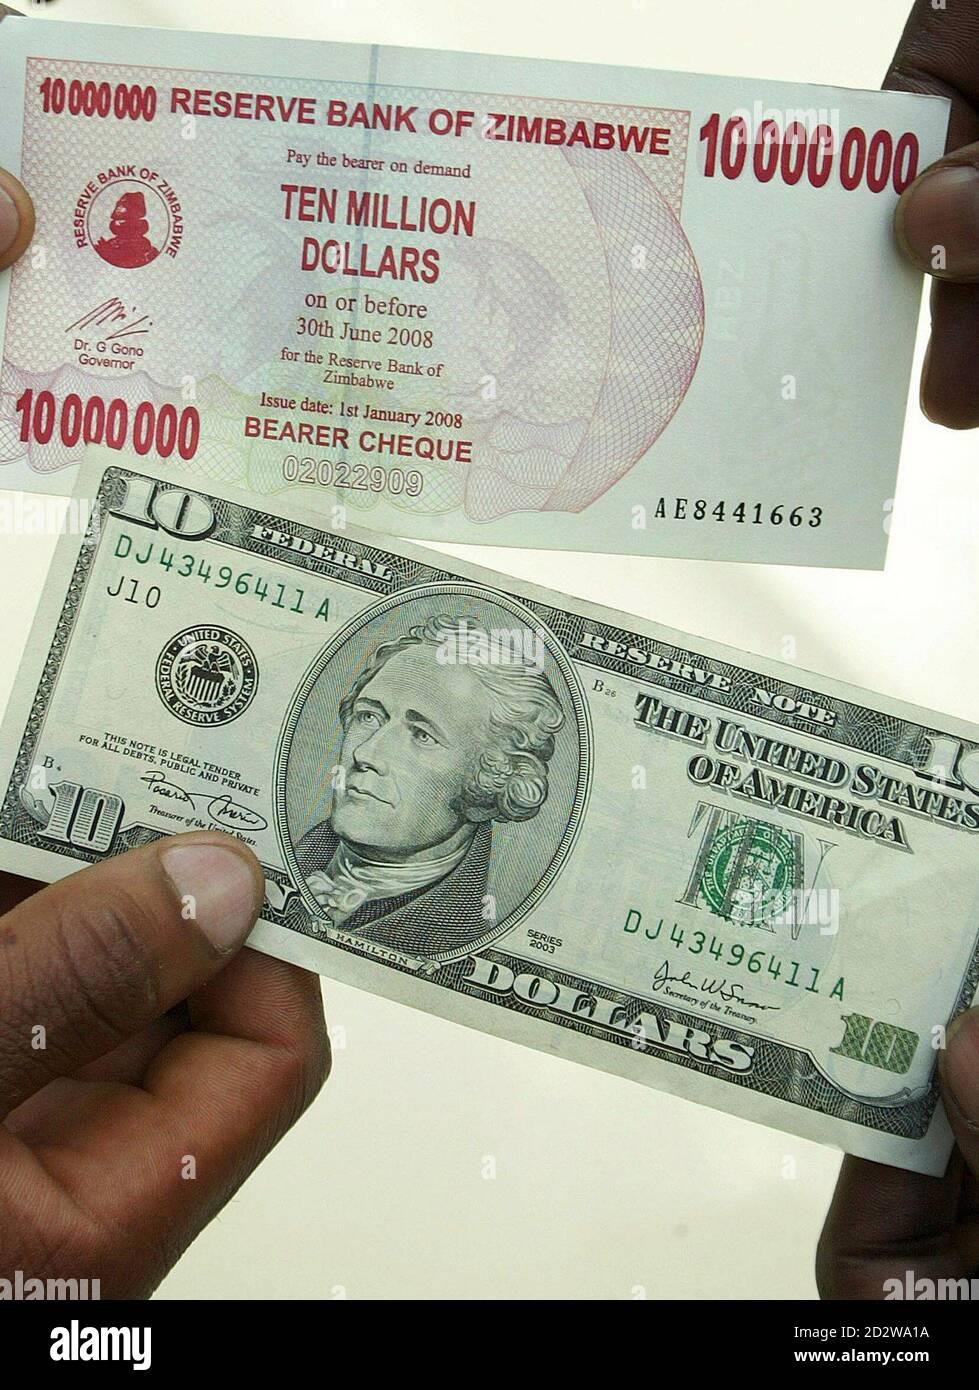 1 Usd To Zimbabwe Dollar : zimbabwe, dollar, Harare, Zimbabwe, Market, Resolution, Stock, Photography, Images, Alamy